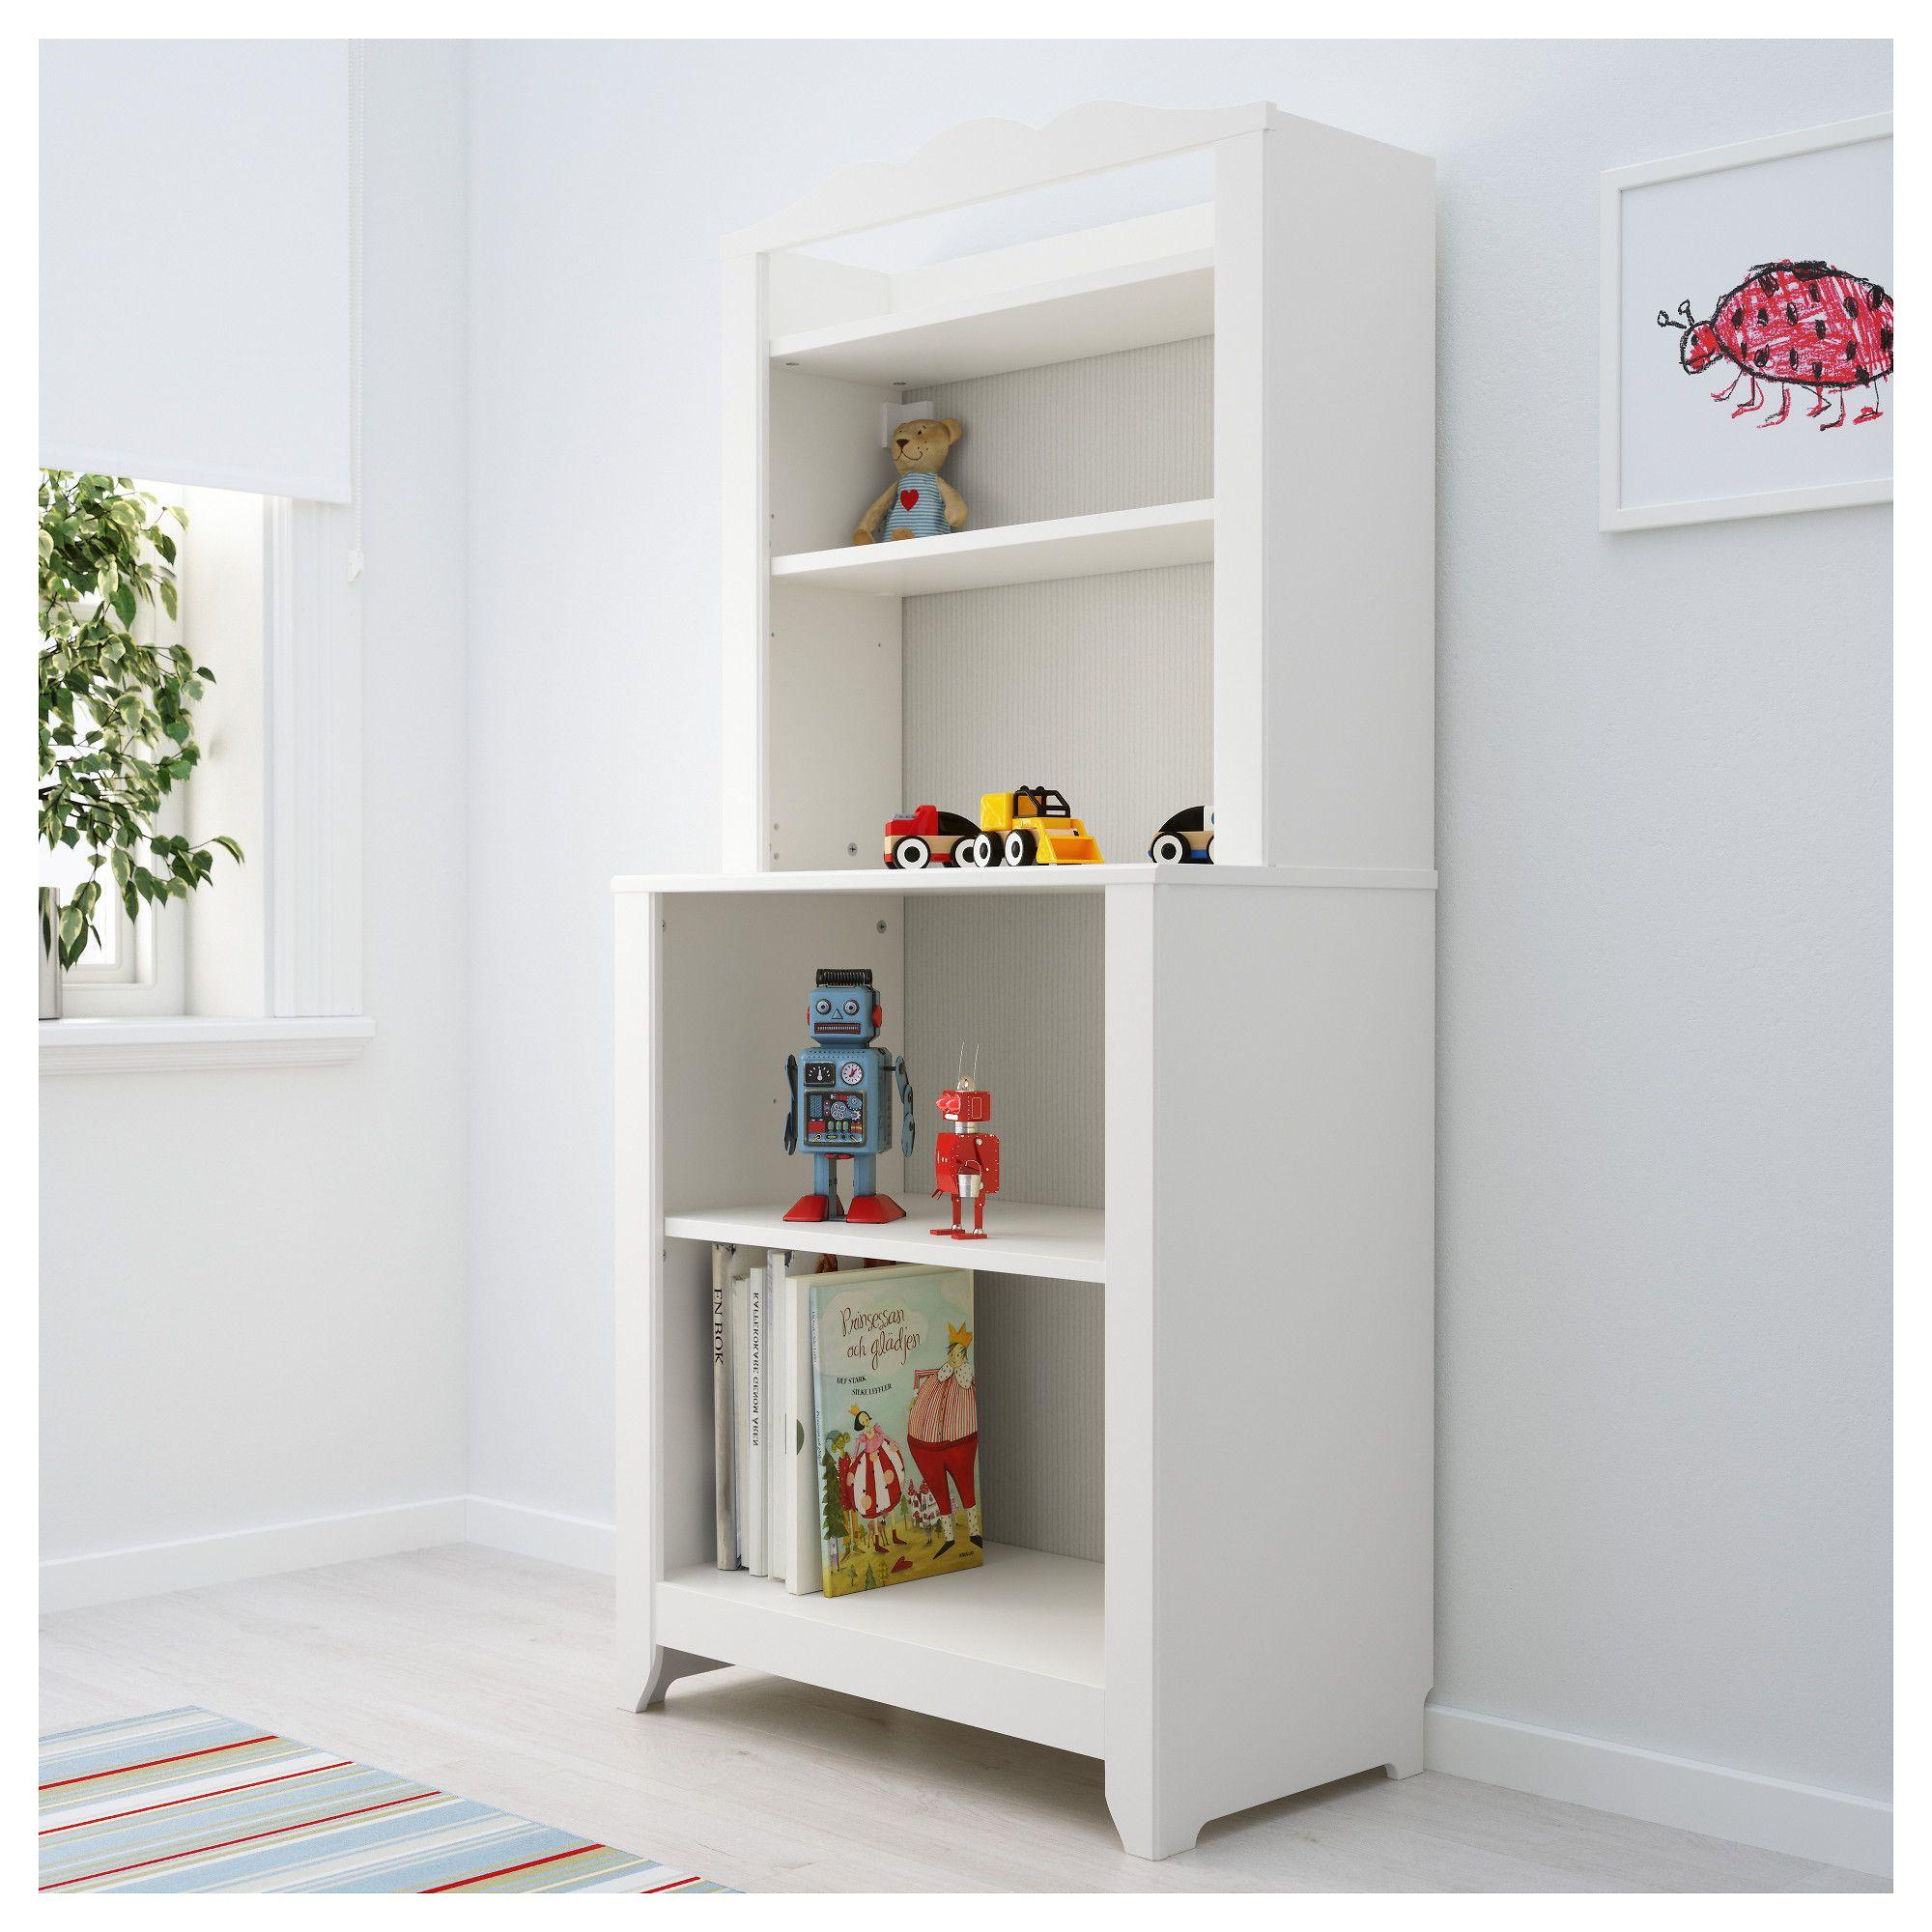 HENSVIK Cabinet with shelf unit White IKEA | Extra storage, Shelving ...